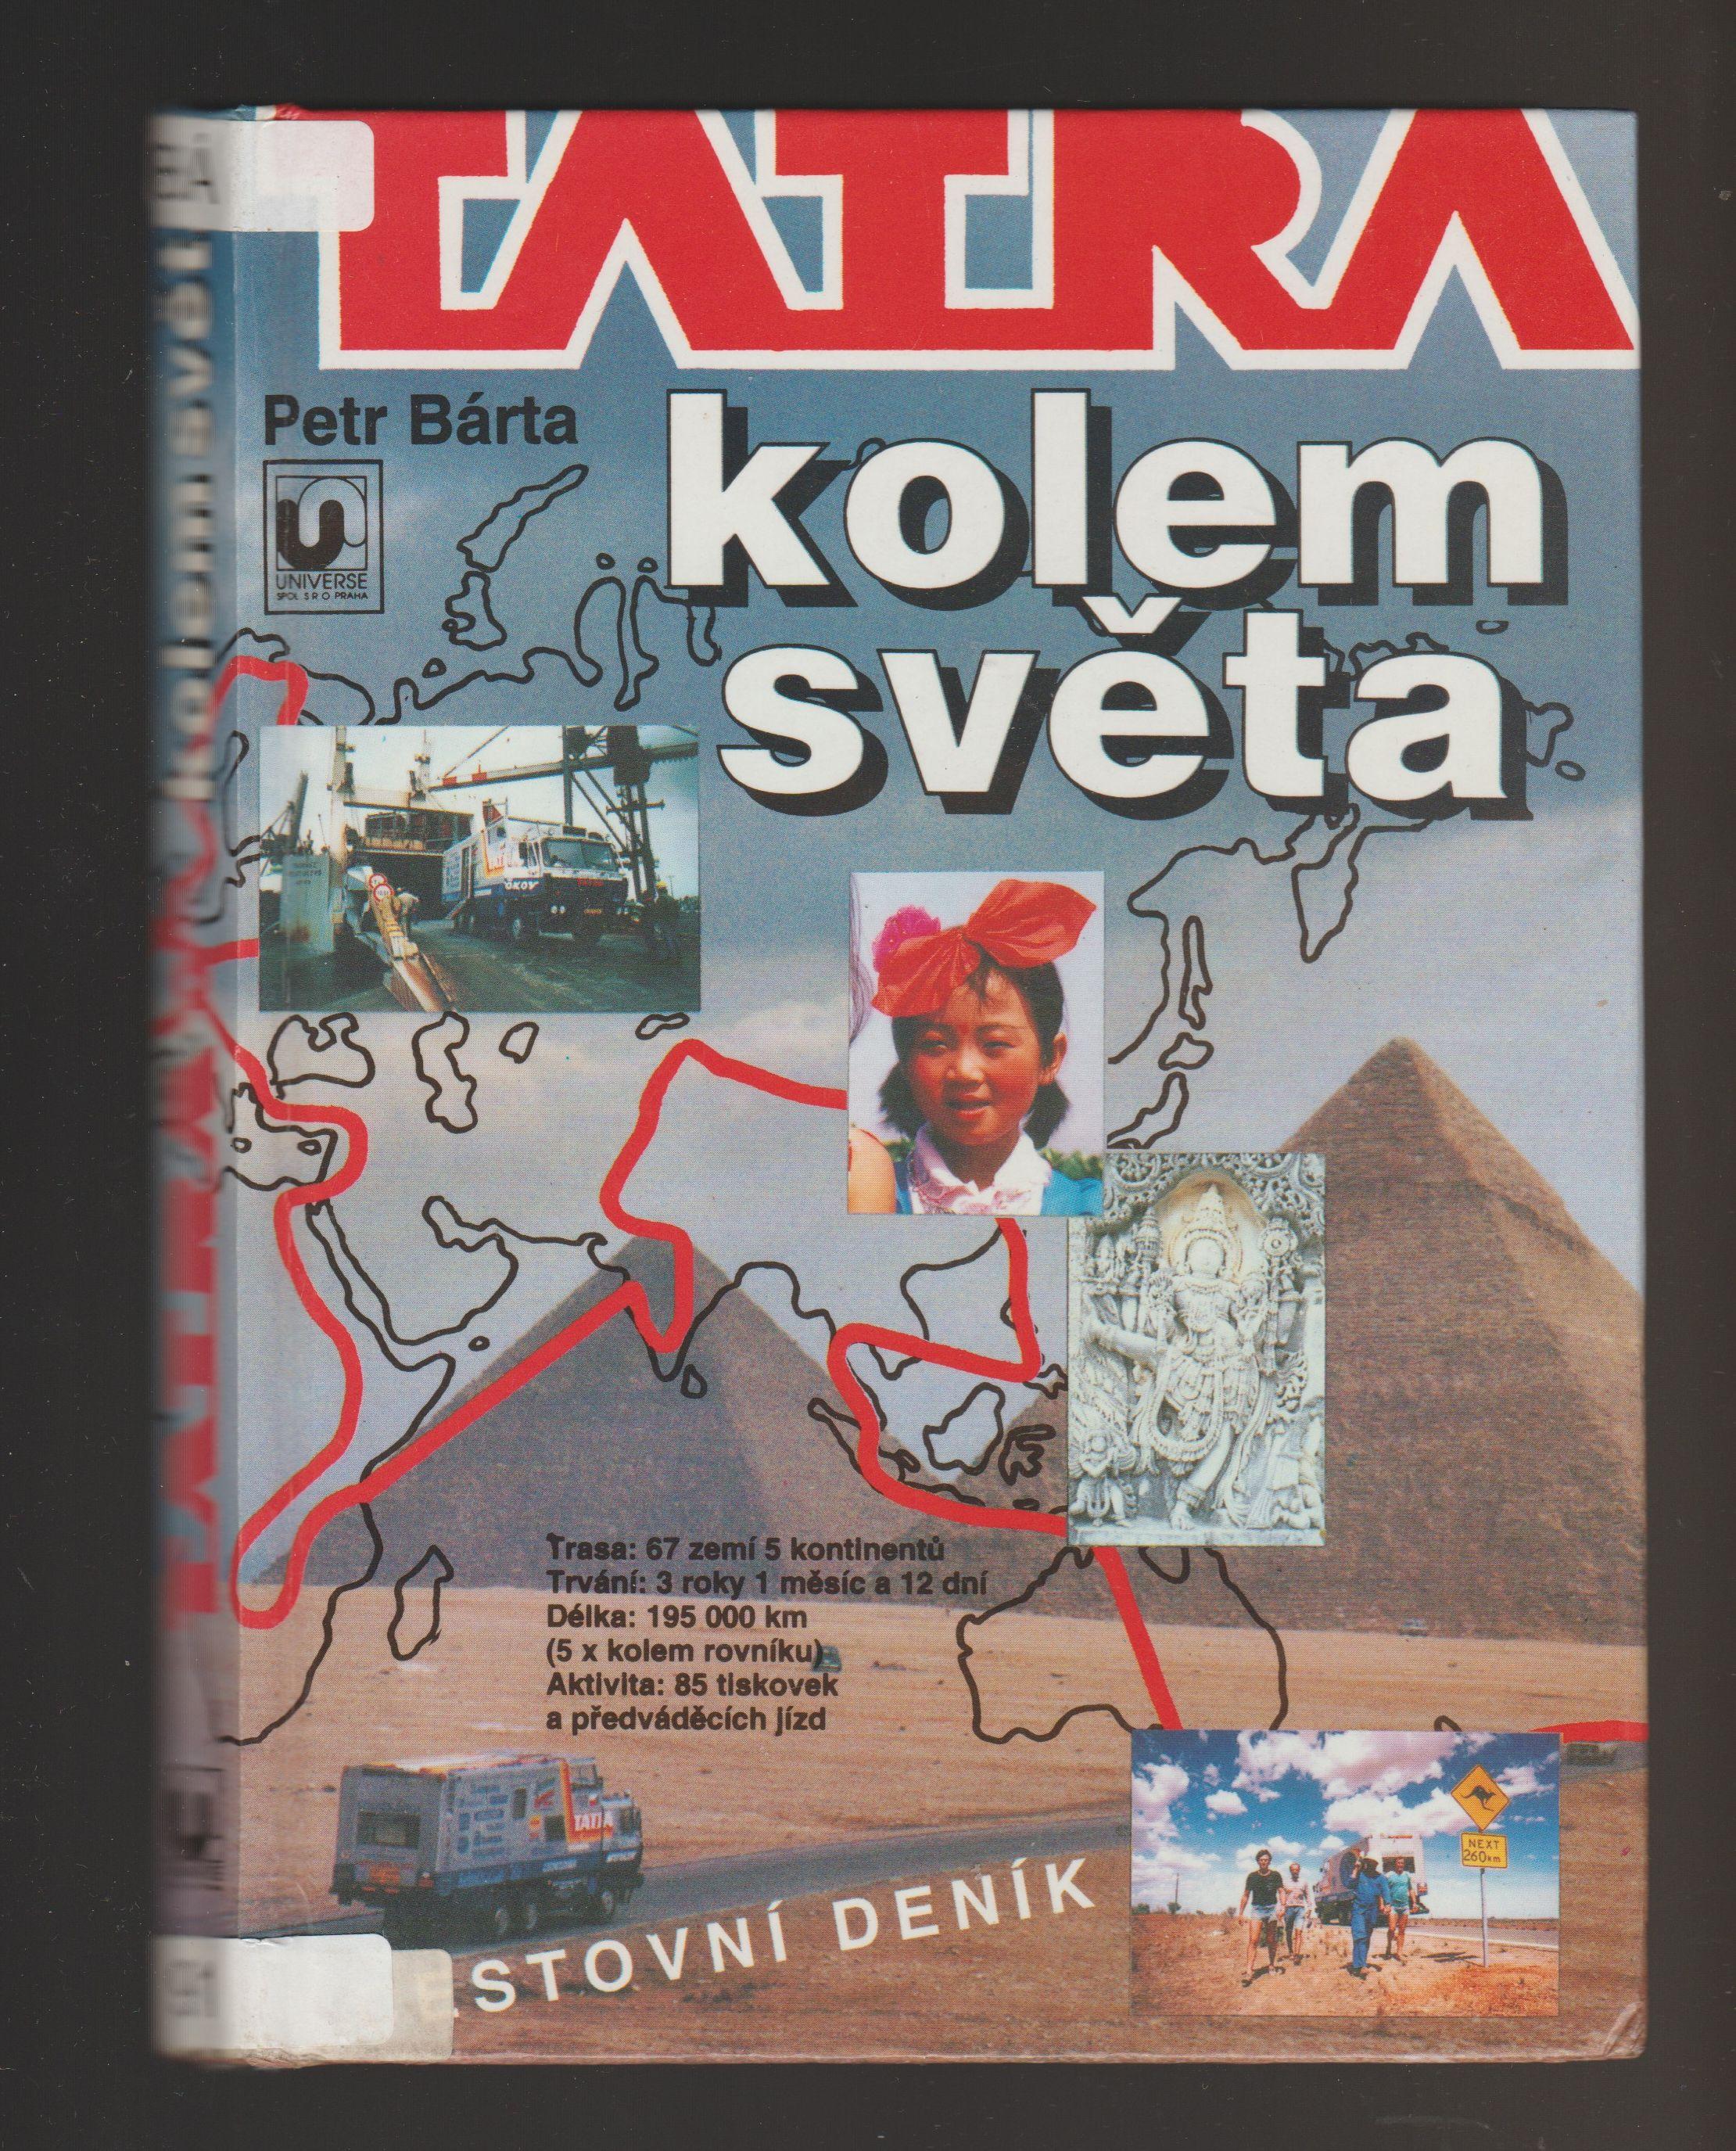 Tatra kolem světa - Cestovní deník - Petr Bárta